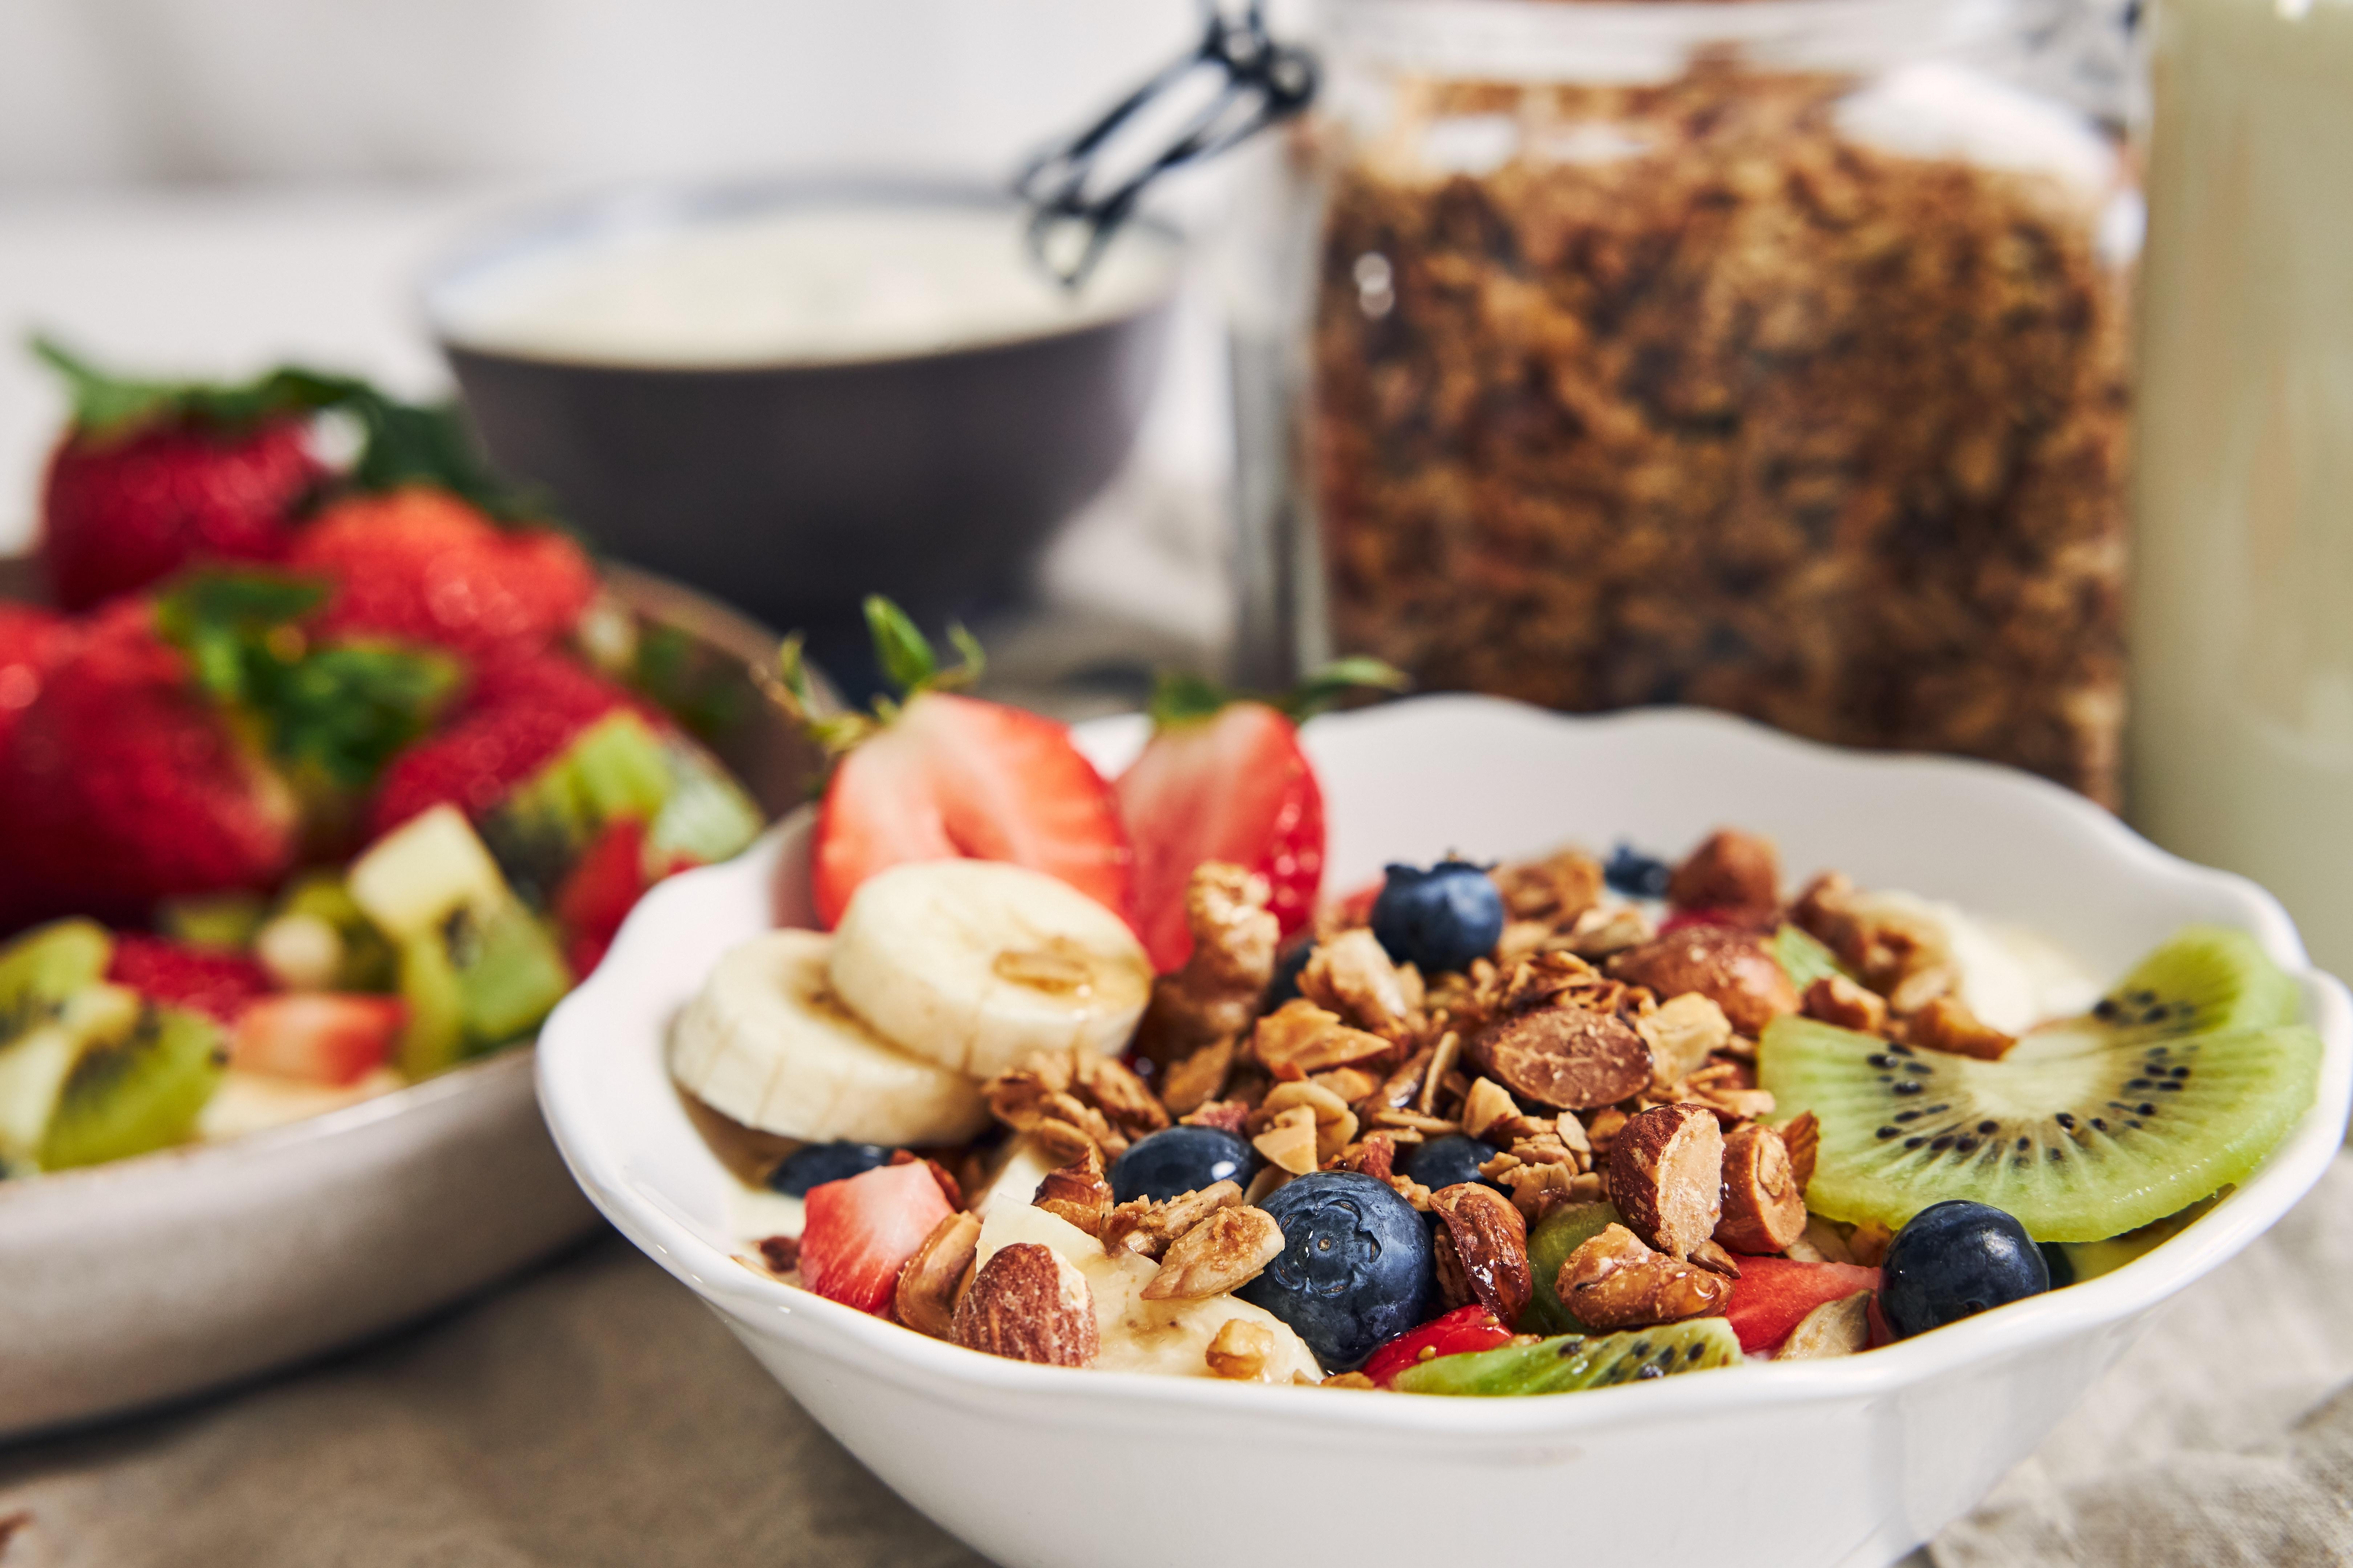 桌上早餐一碗燕麥片